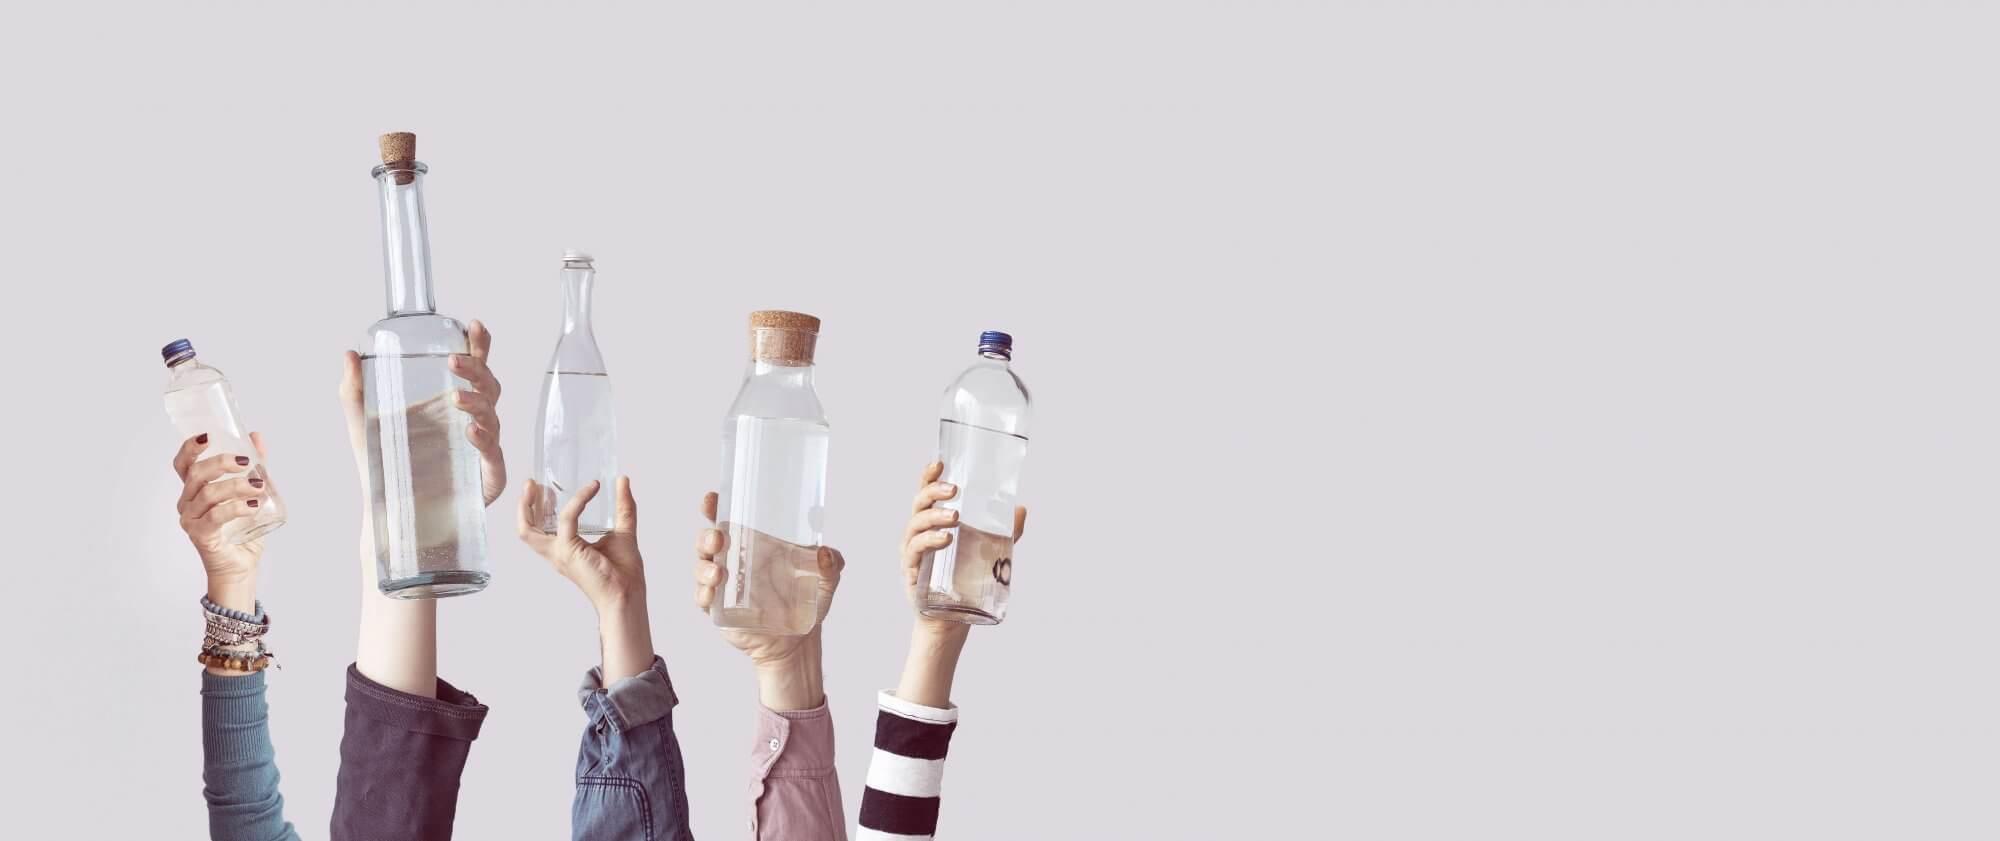 eau du rovinet vs eau en bouteille